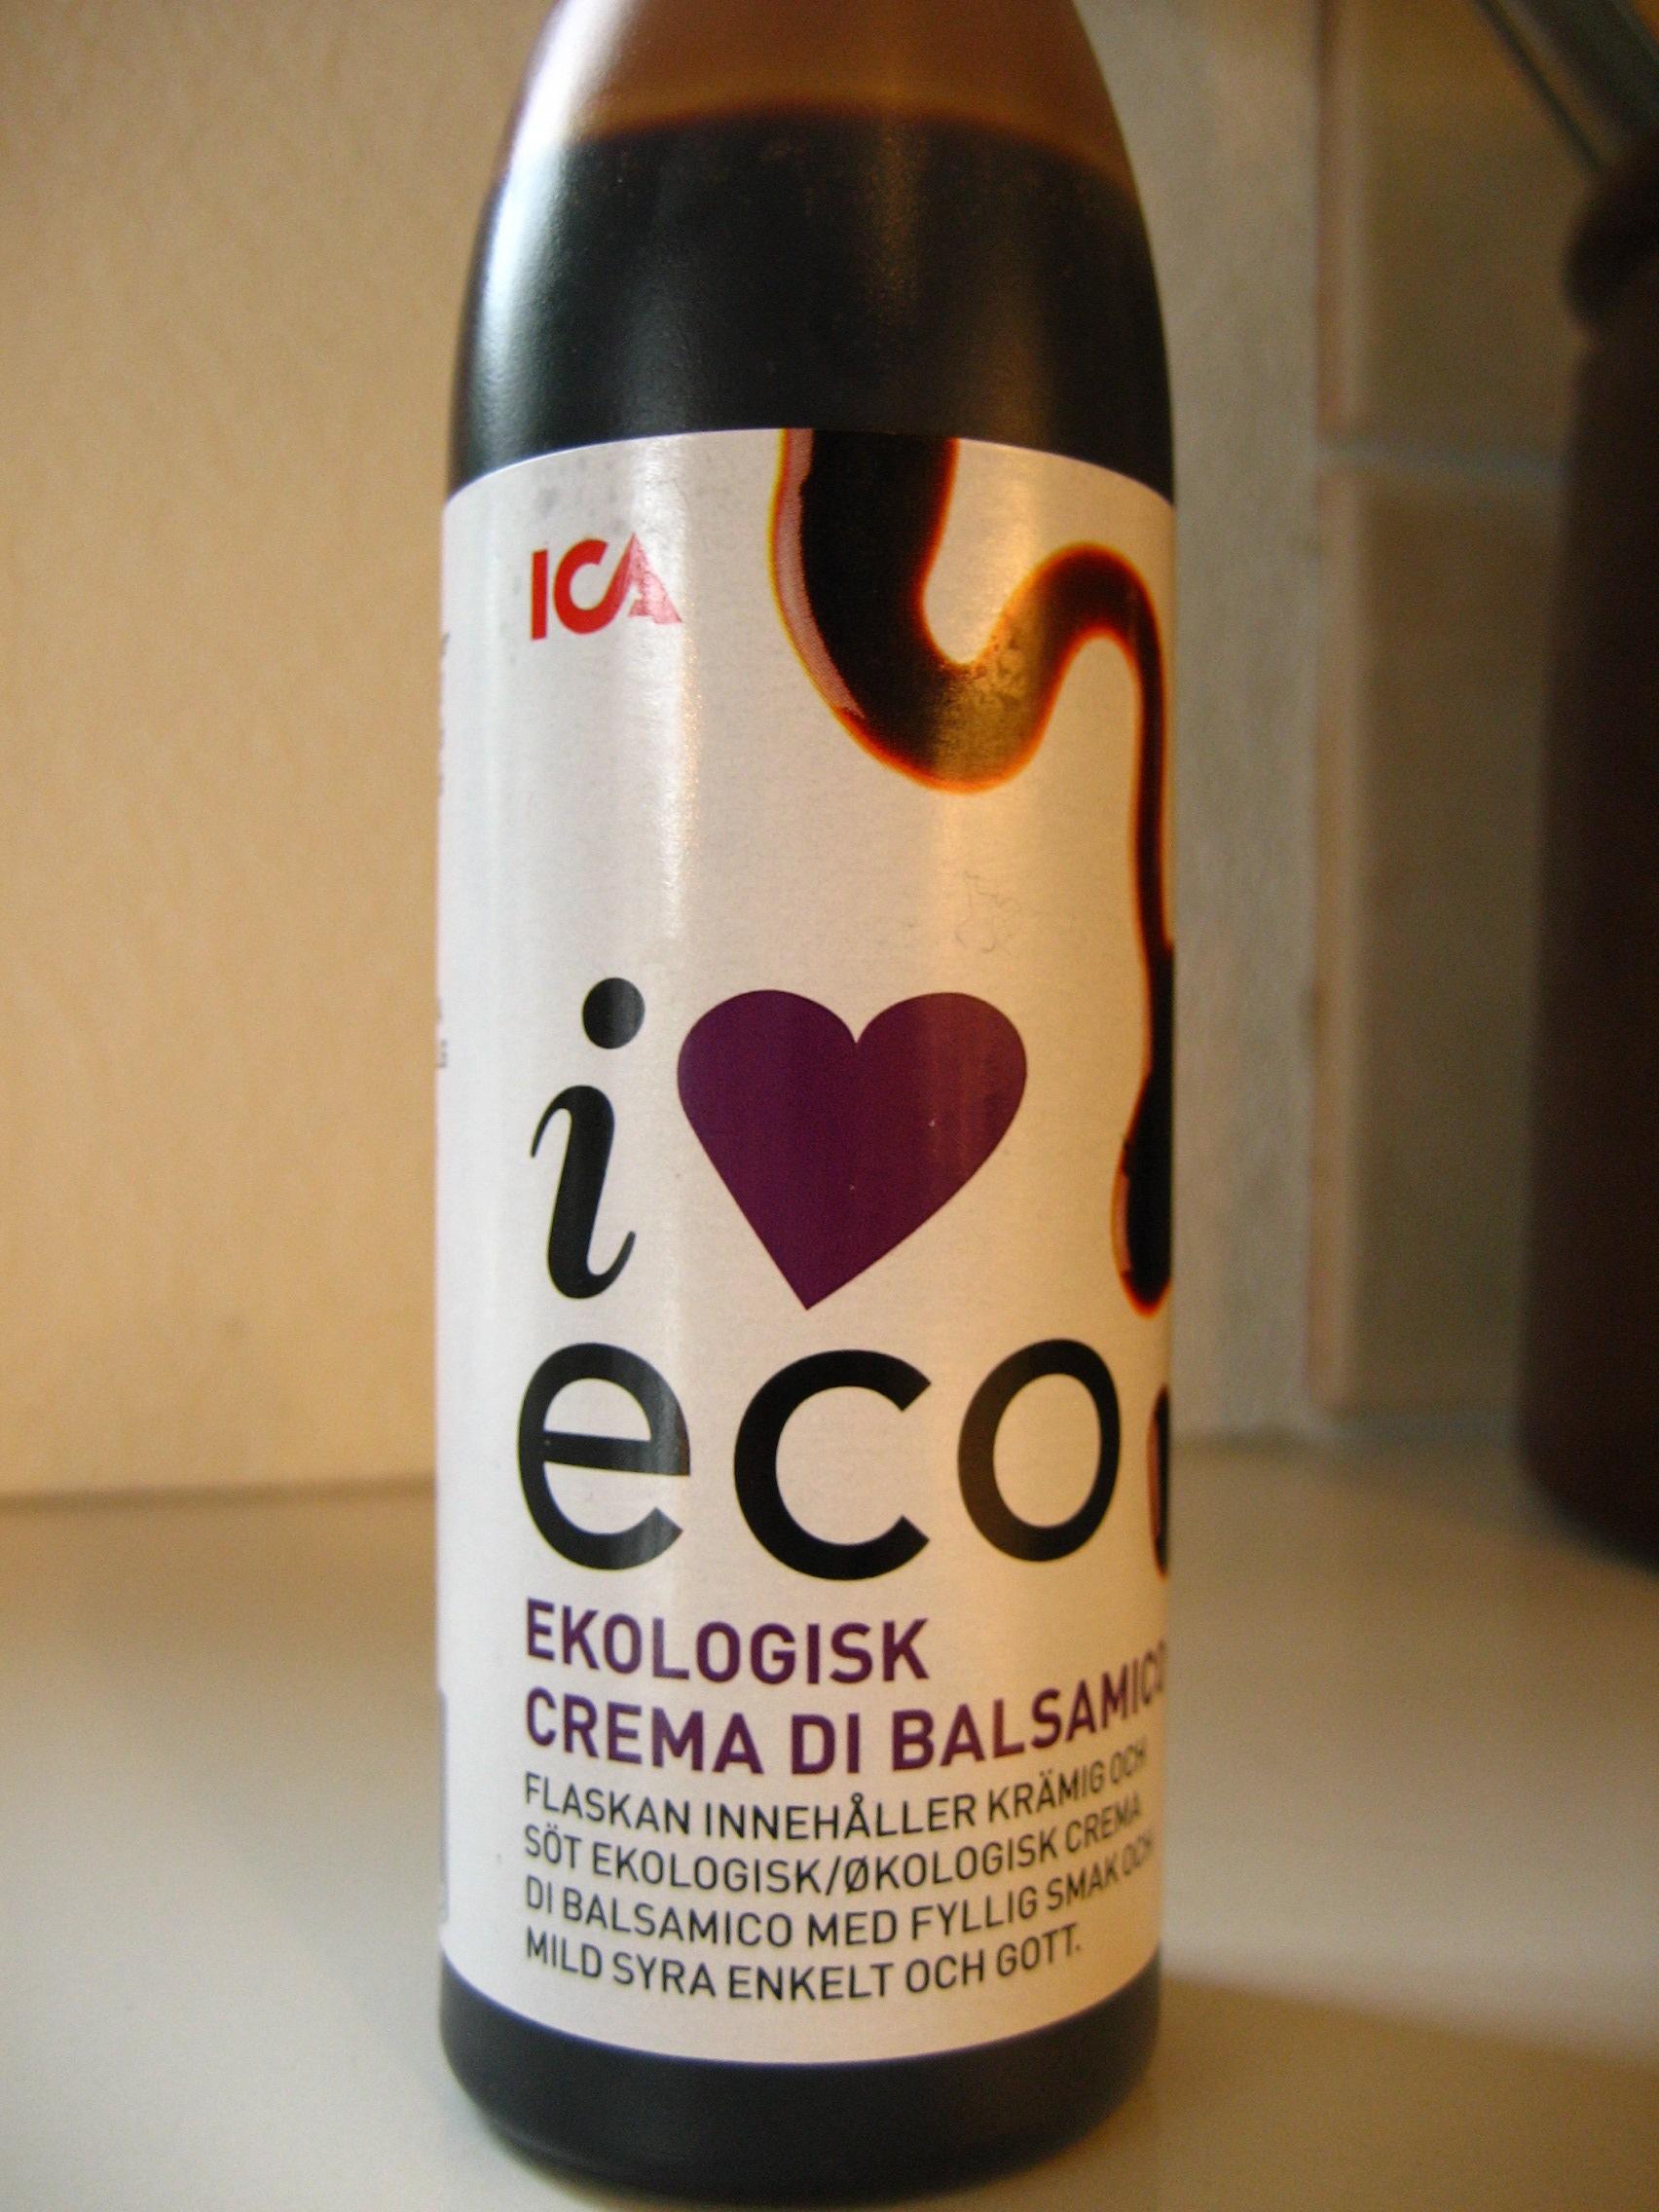 Crema Di Balsamico Ica